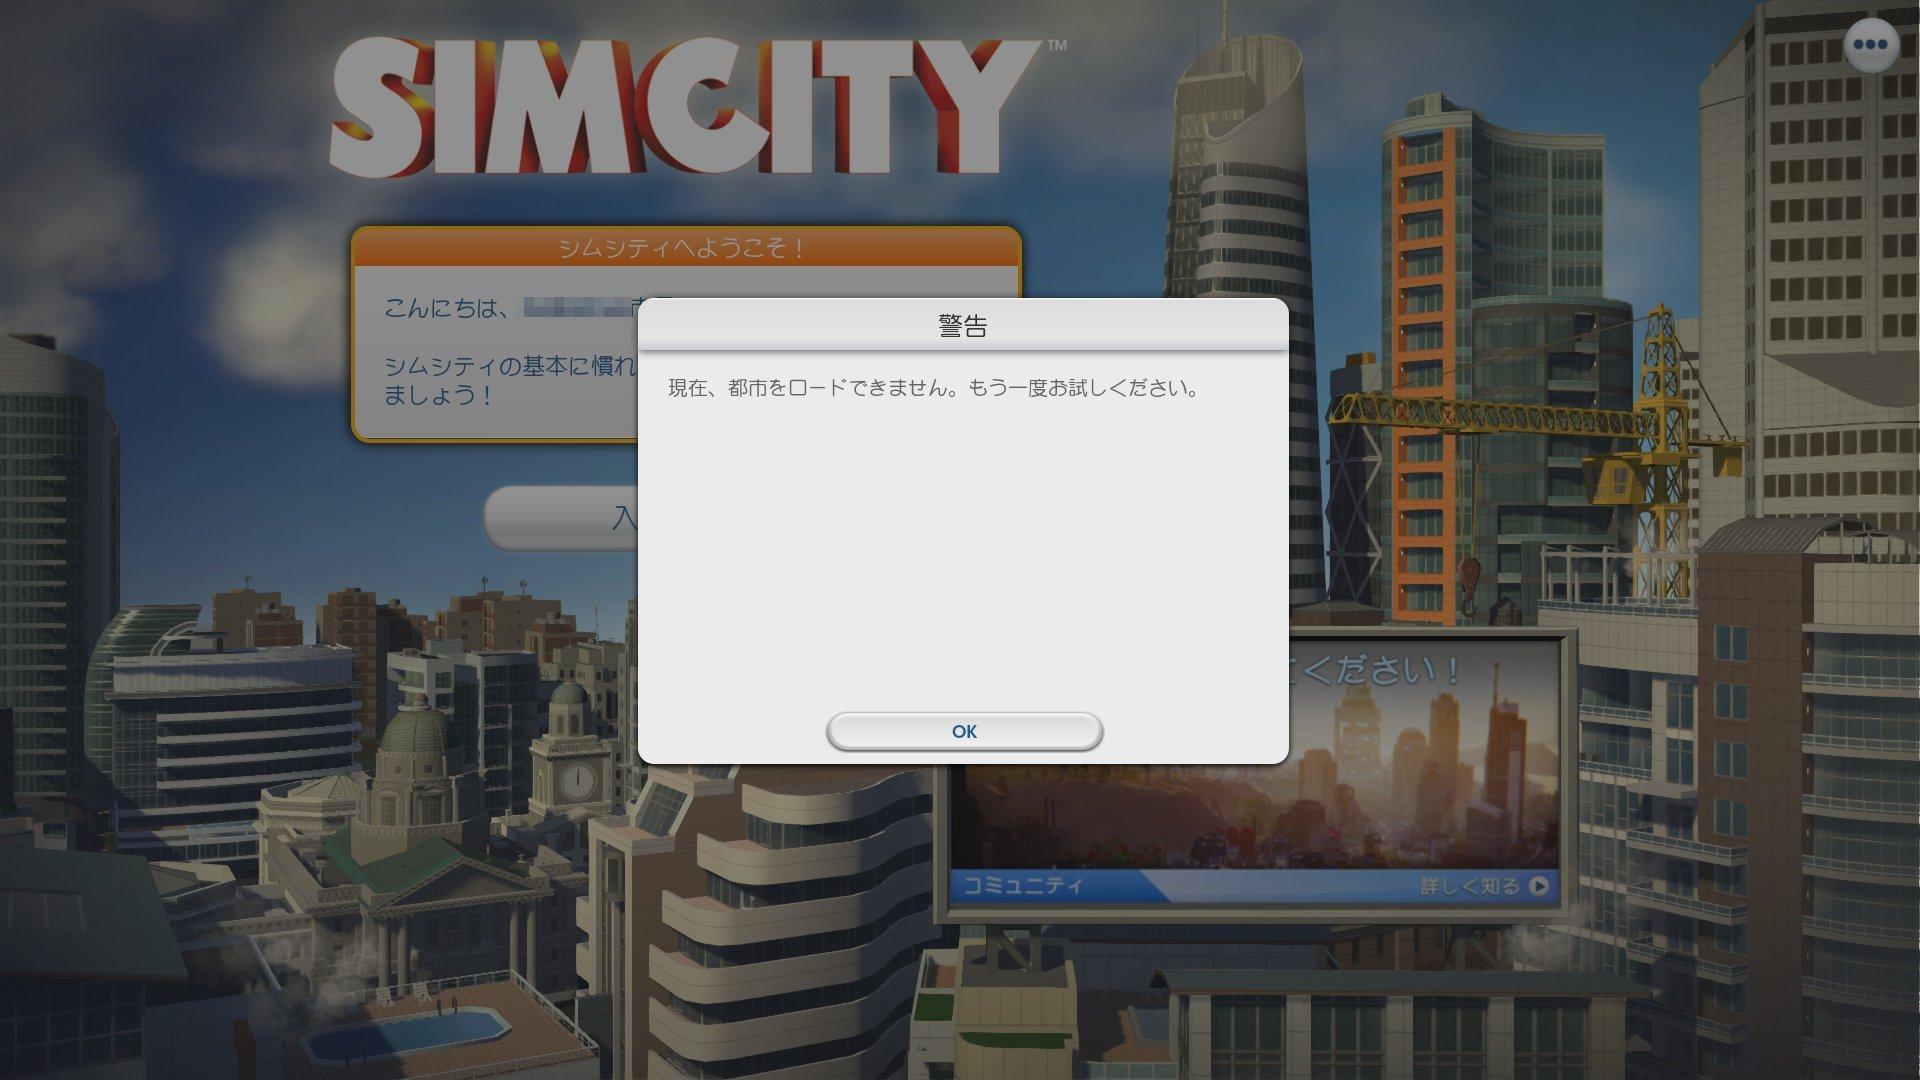 サーバーにログインできても実際には都市がロードできなかったり、都市が設定できなかったりしてゲームが始められない